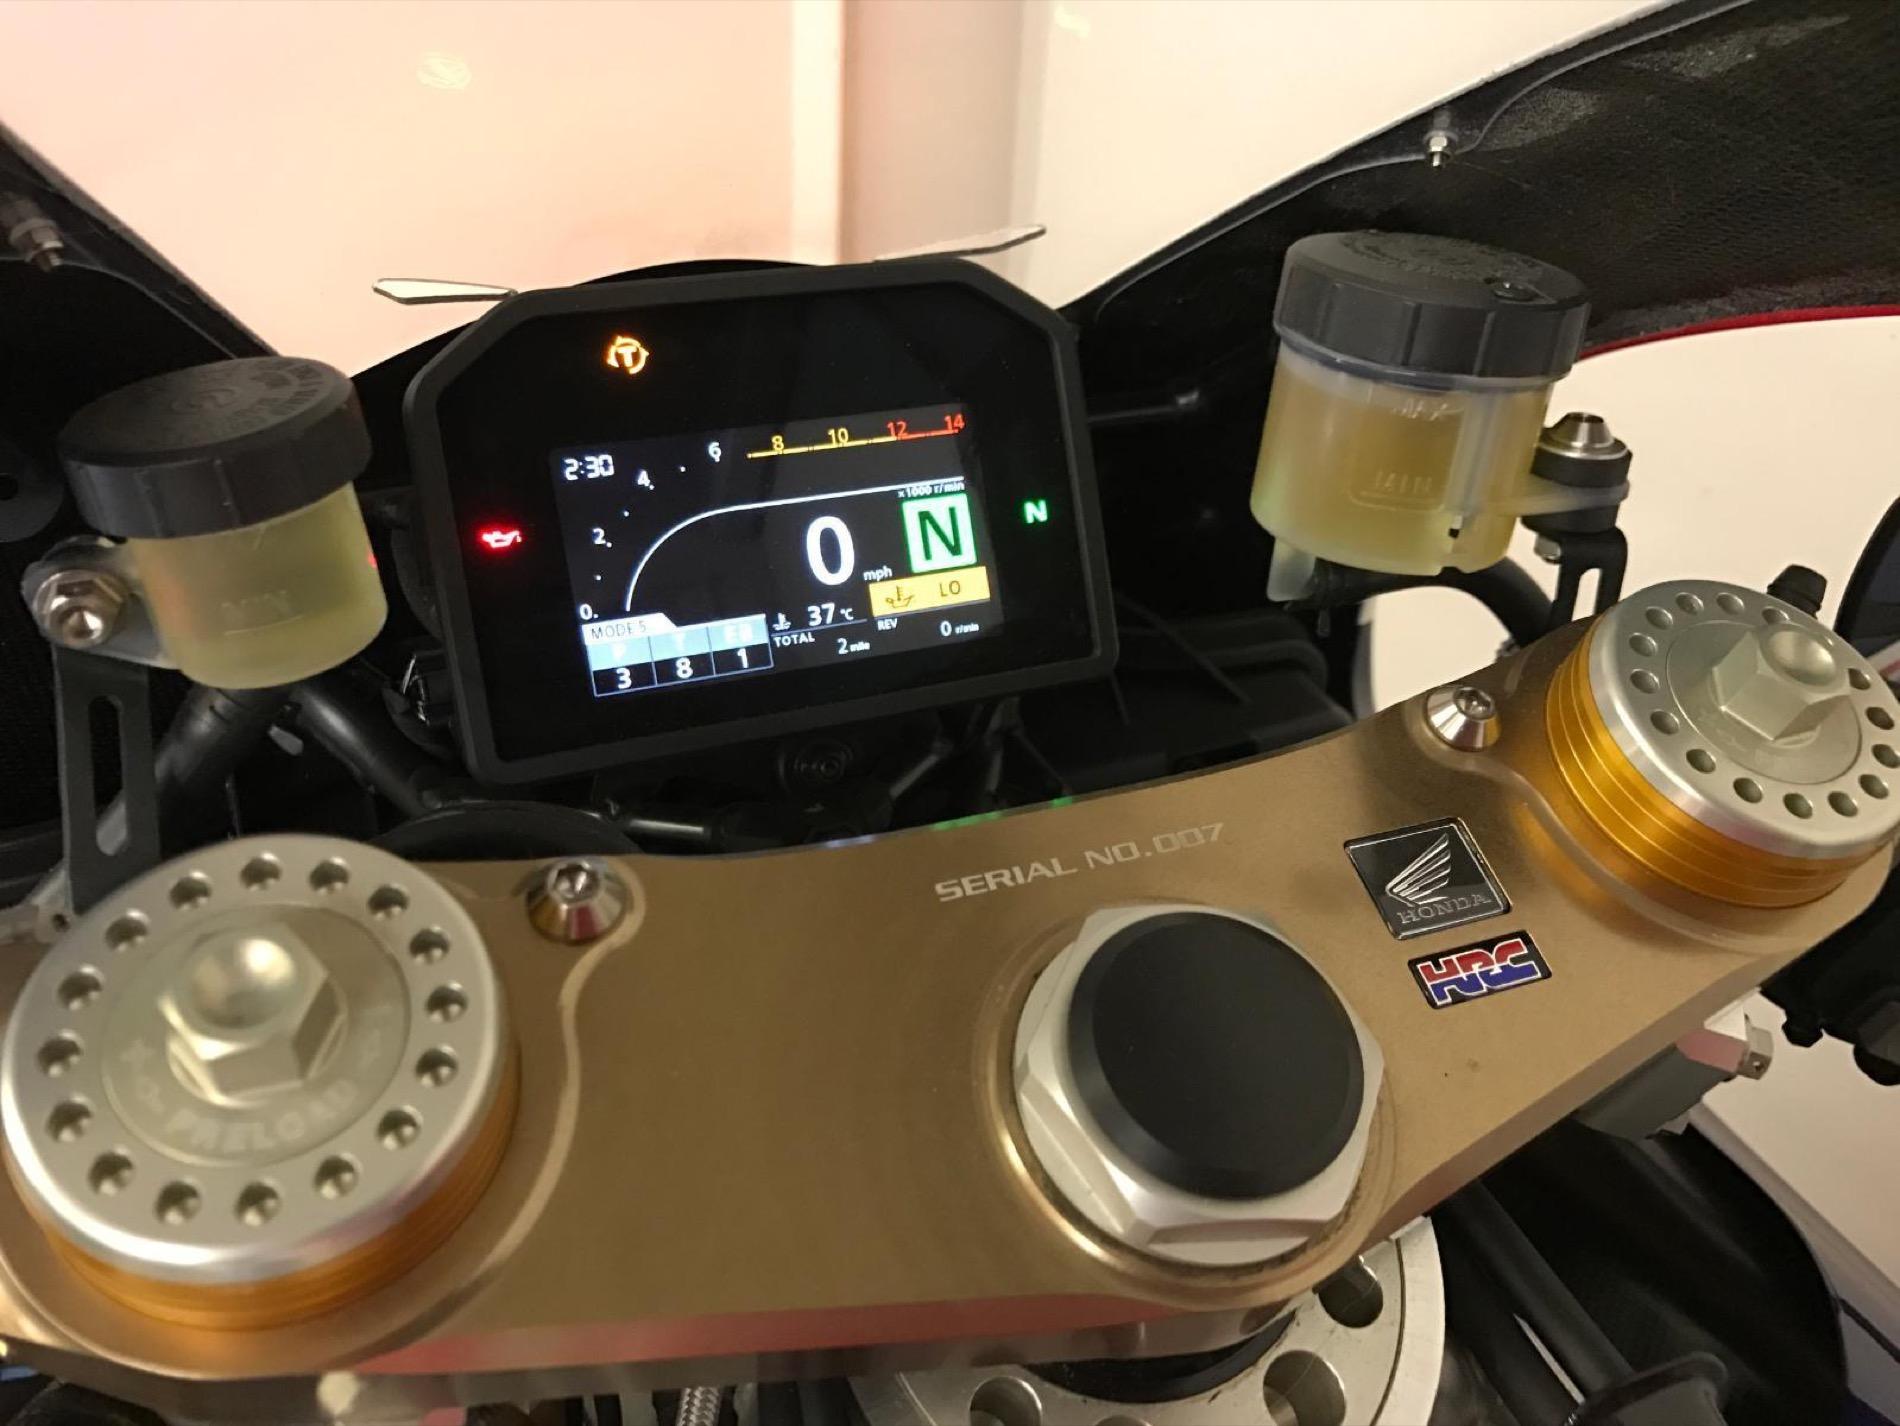 Honda RC 213 V-S a la venta